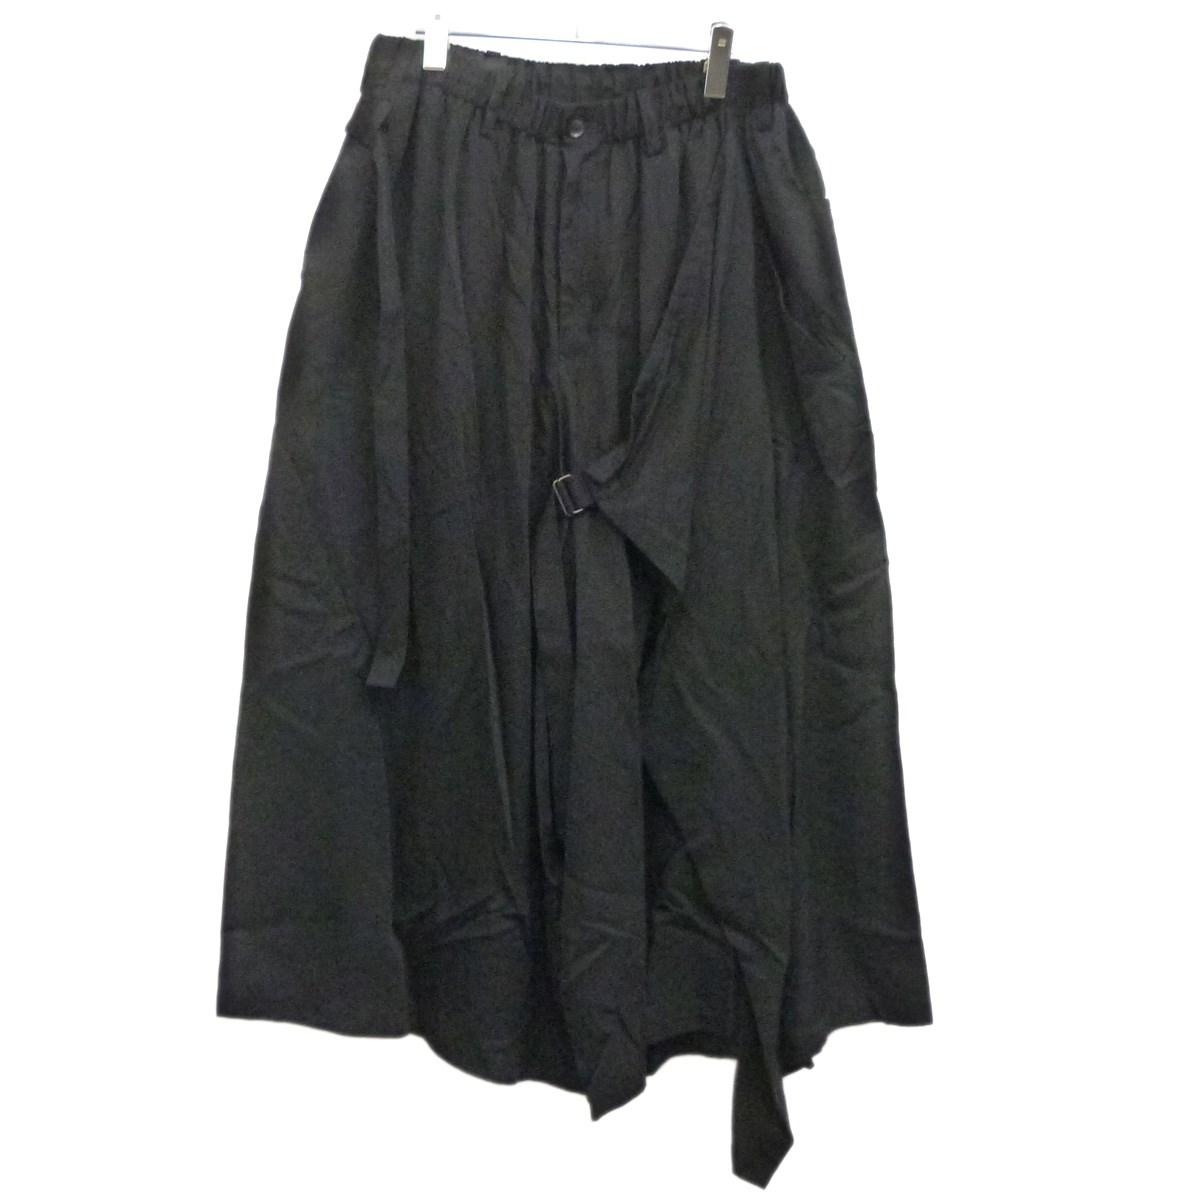 【中古】YOHJI YAMAMOTO pour hommeBLACK SCANDAL 19AW 太ラップパンツ ブラック サイズ:2 【4月23日見直し】